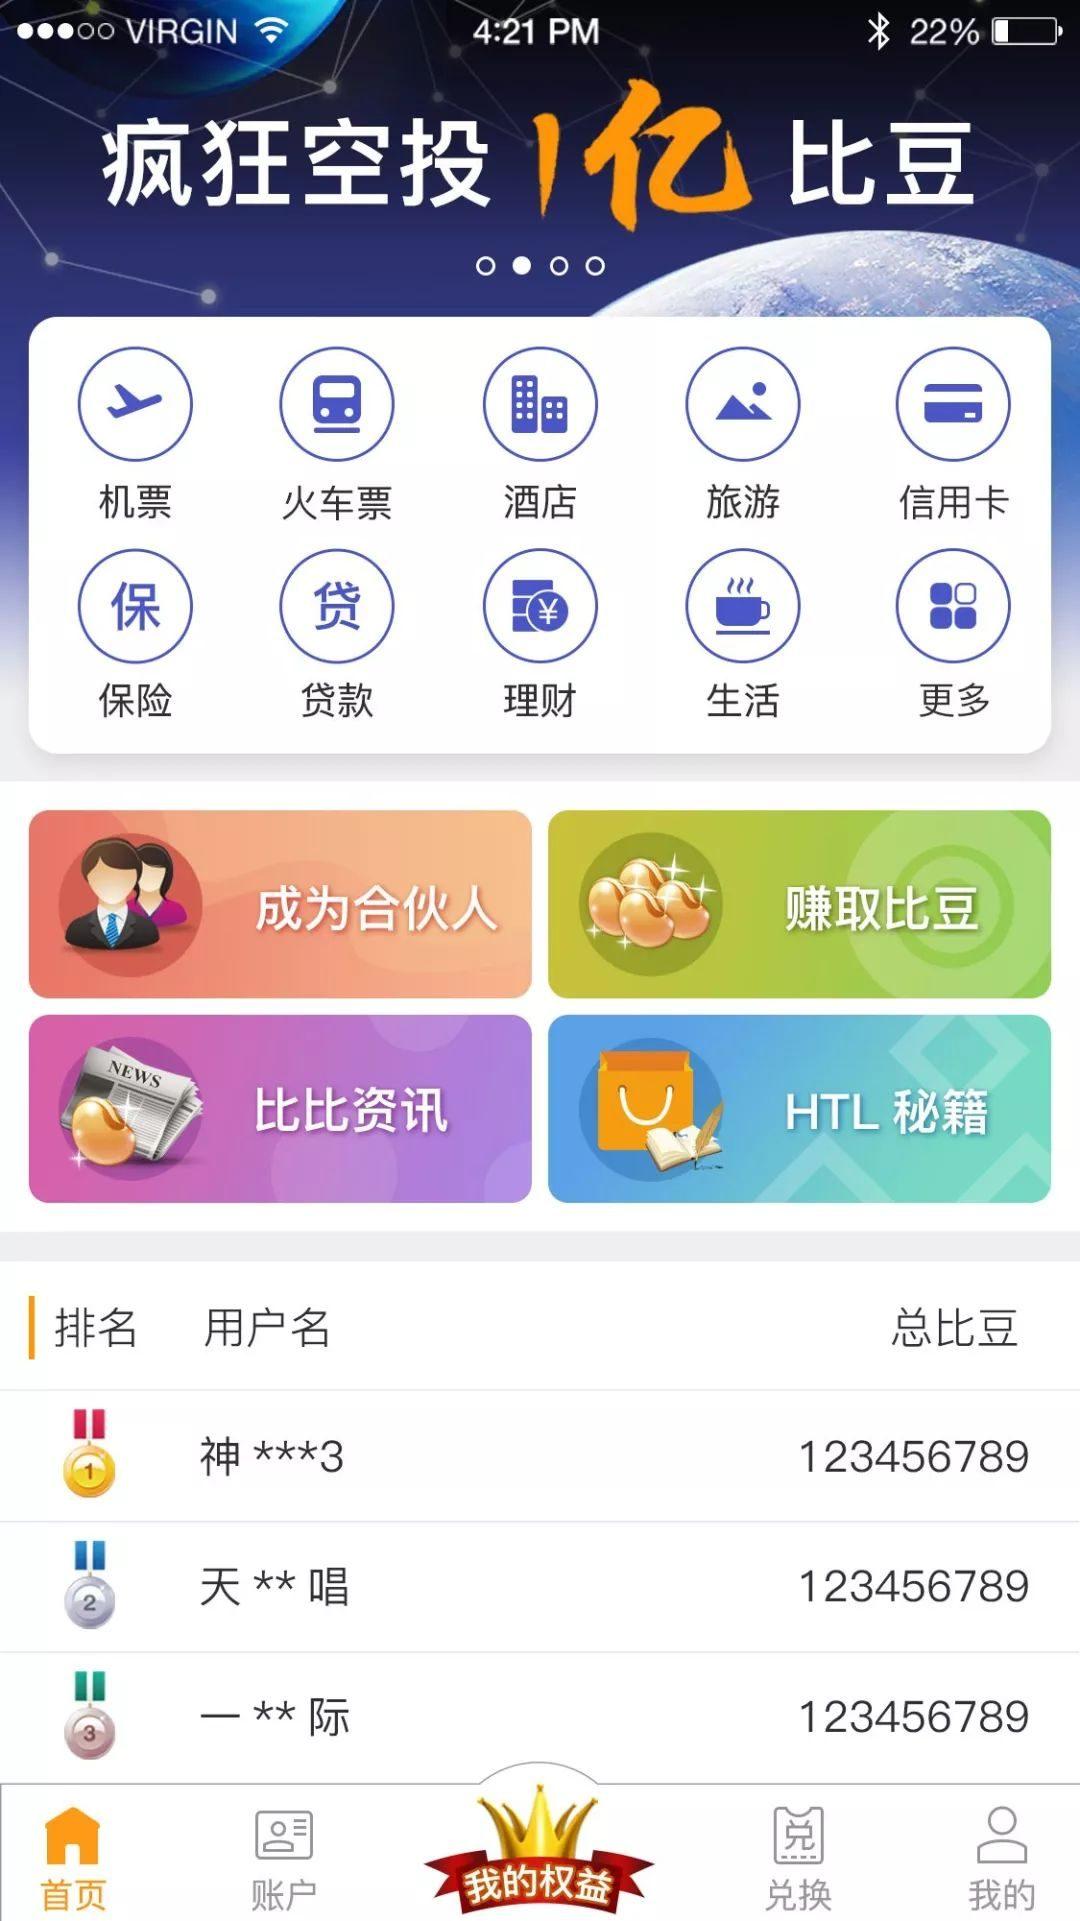 震惊了:中国出了一款能赚钱的区块链旅行神器